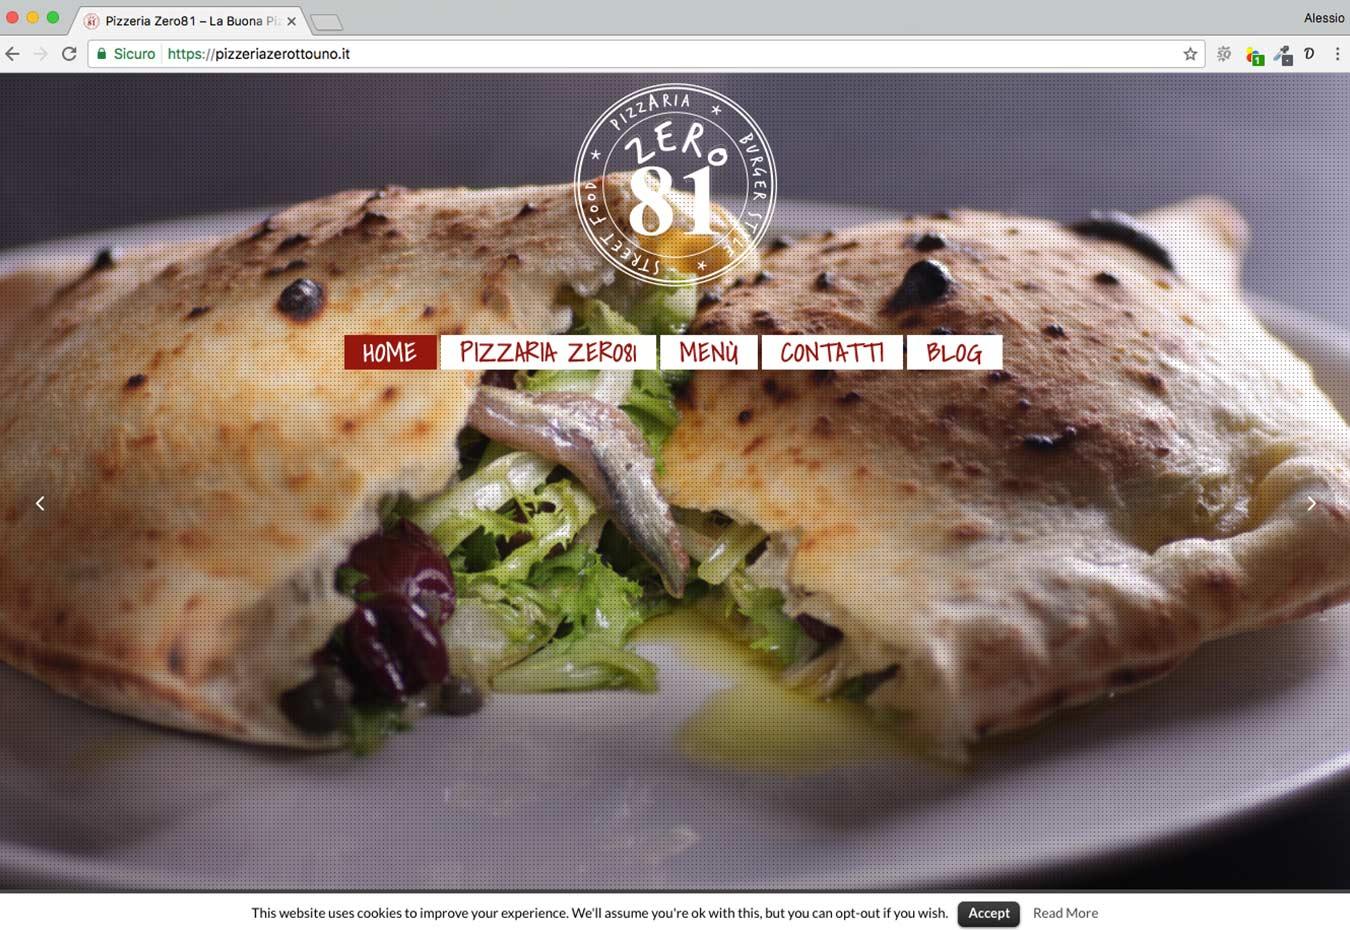 pizzeriazerottouno.it